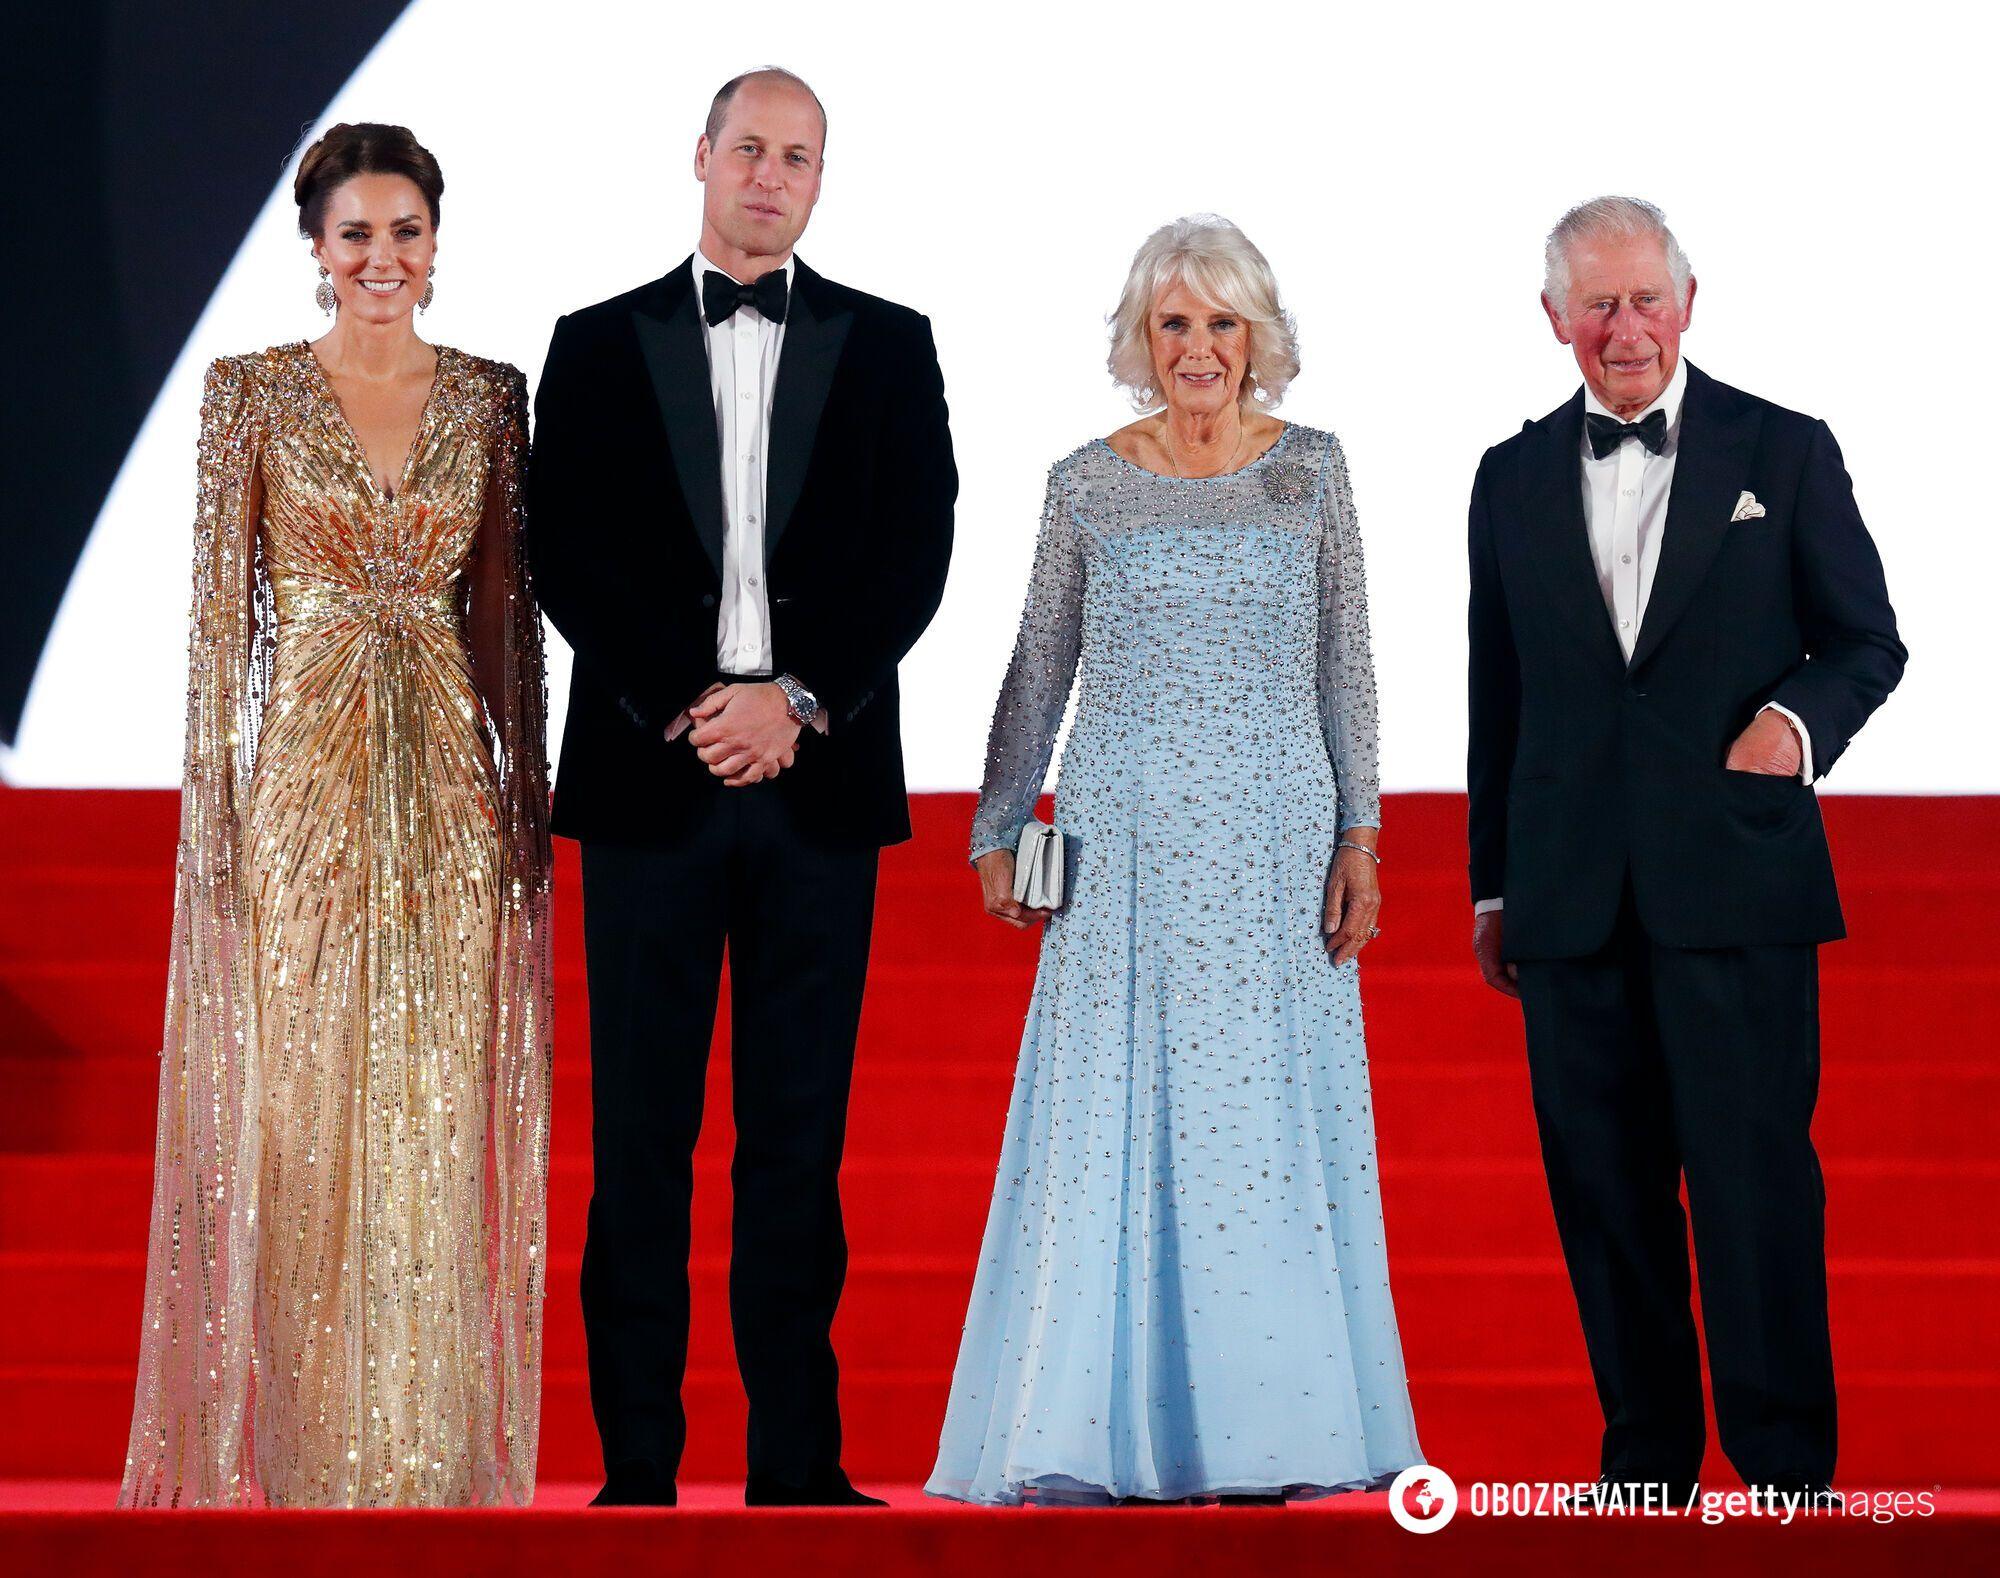 Члены британской королевской семьи - принц Чарльз со своей супругой Камиллой и герцоги Кембриджские Уильям и Кейт